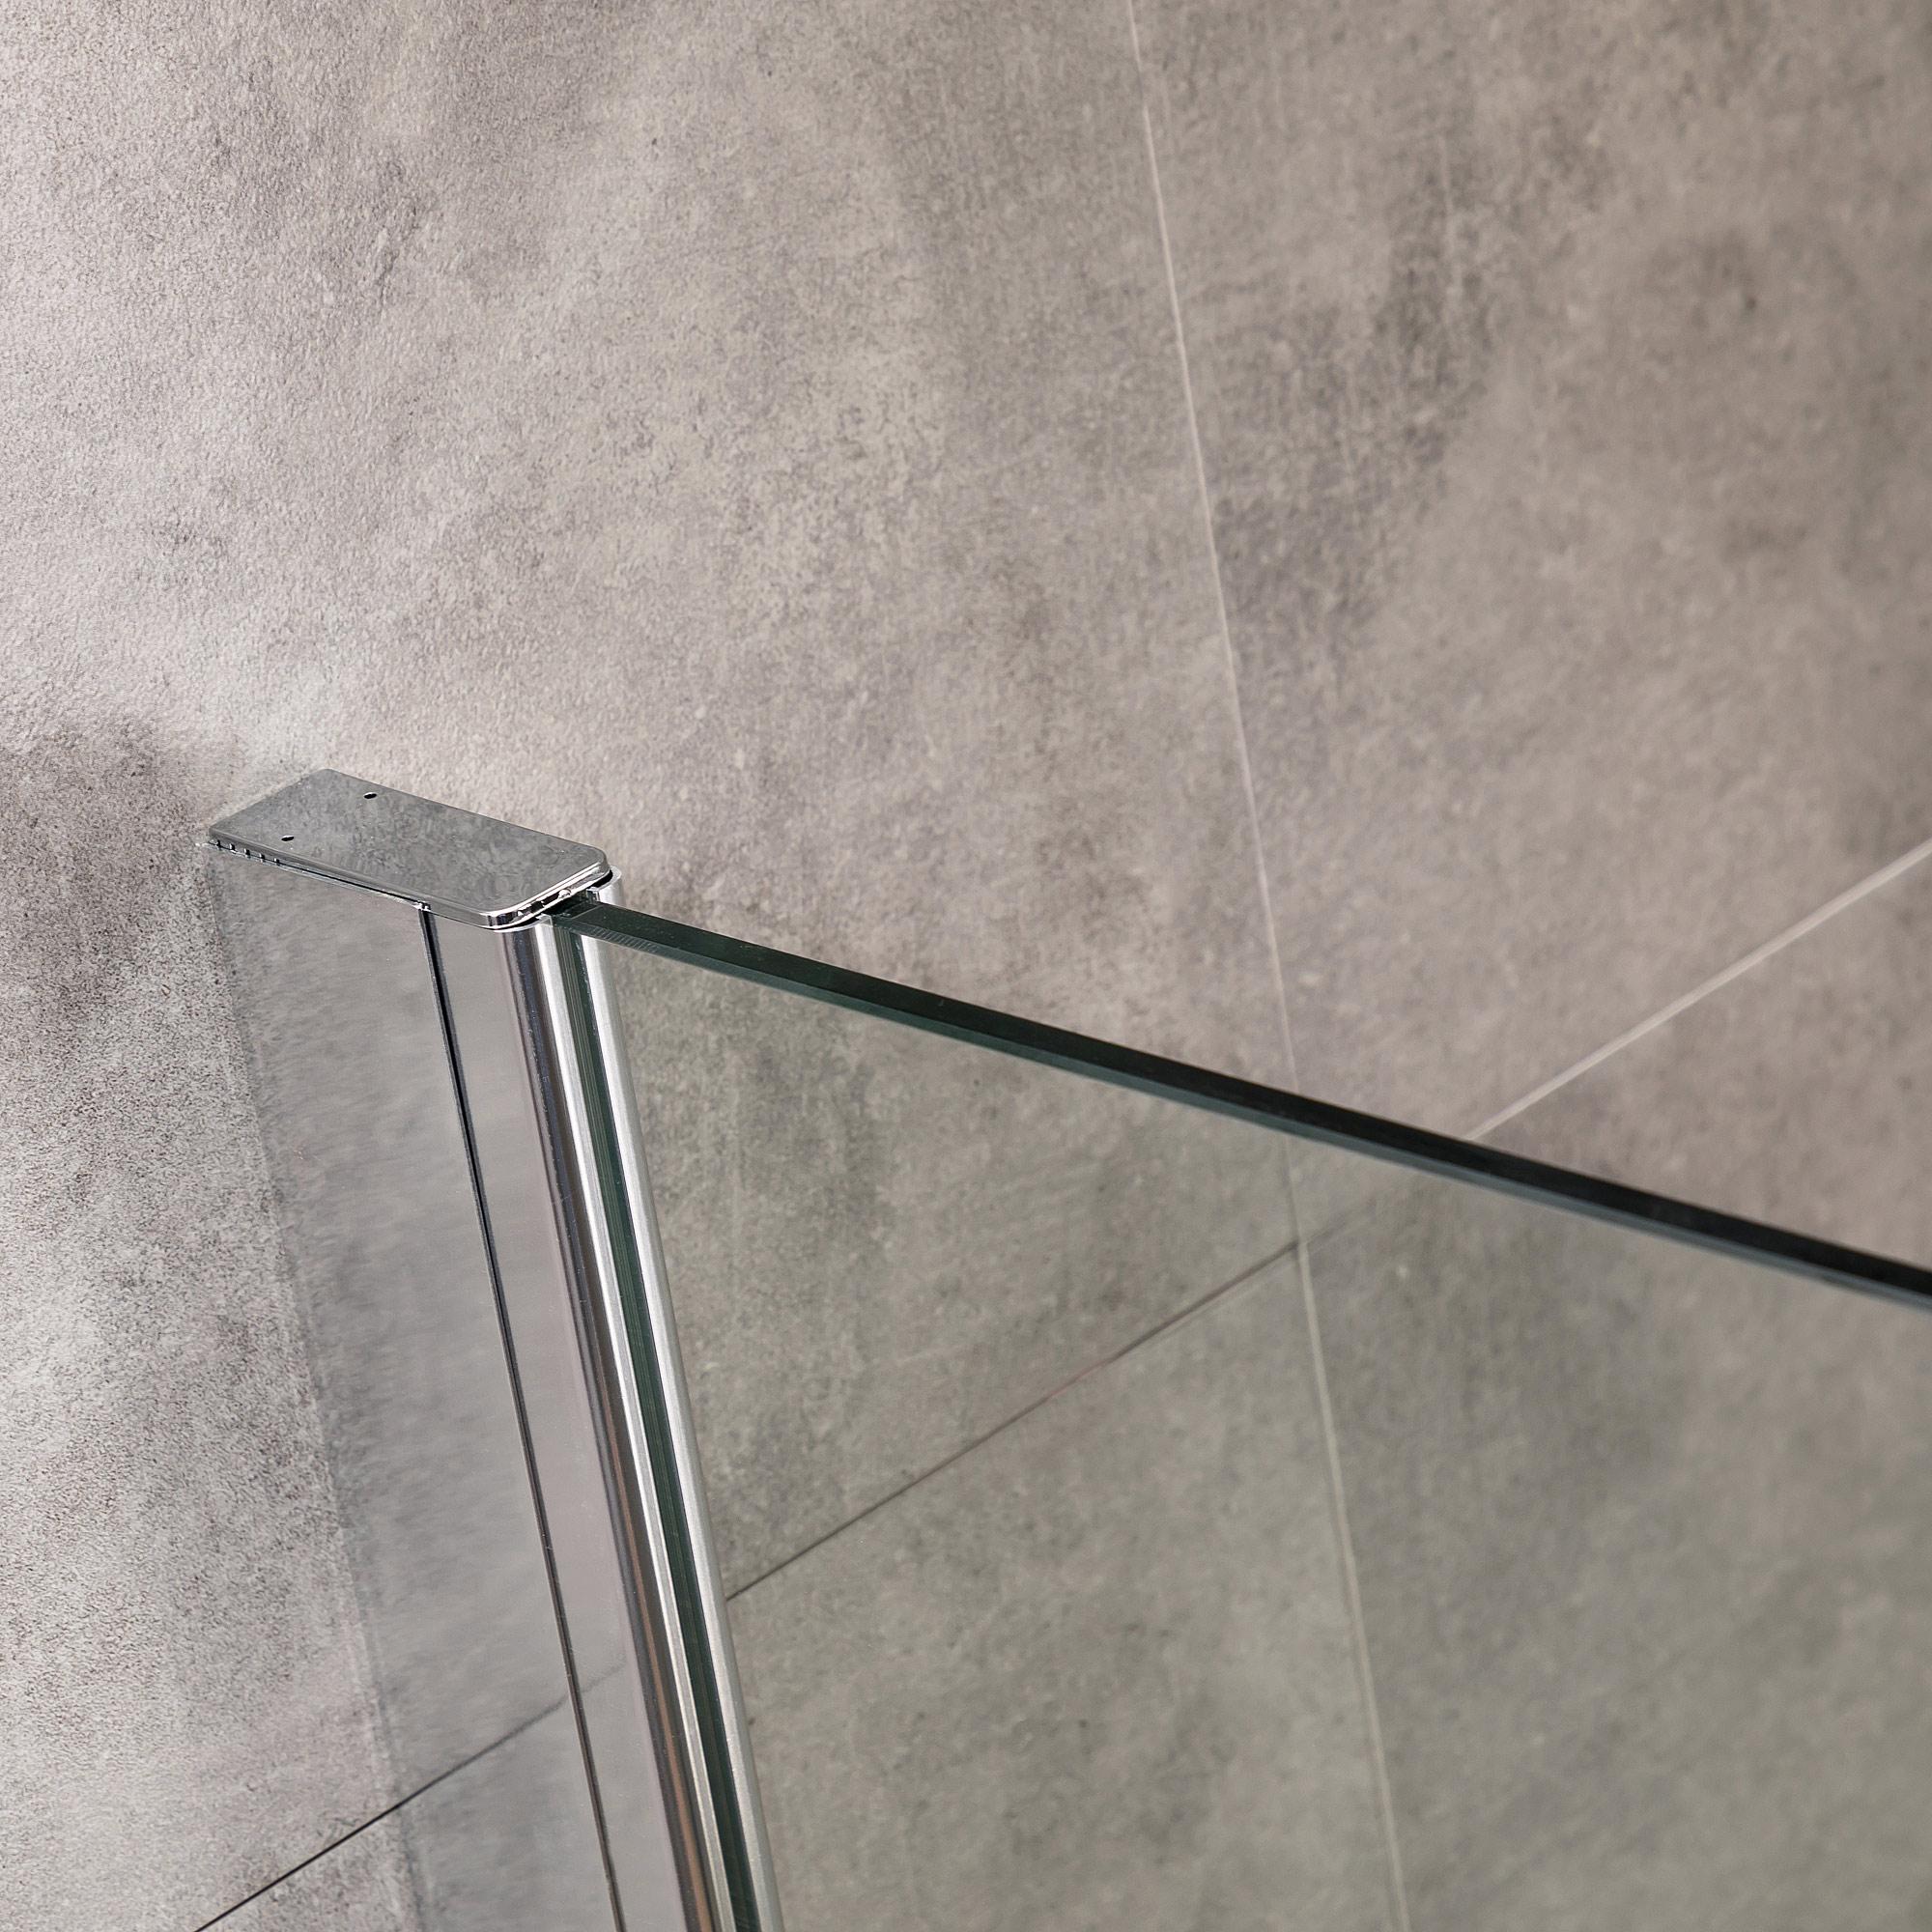 Viesta Duschwand, Duschtrennwand DW90 - Duschabtrennung aus ESG Sicherheitsglas mit Nano-Beschichtung und Montagezubehör 90x195 cm